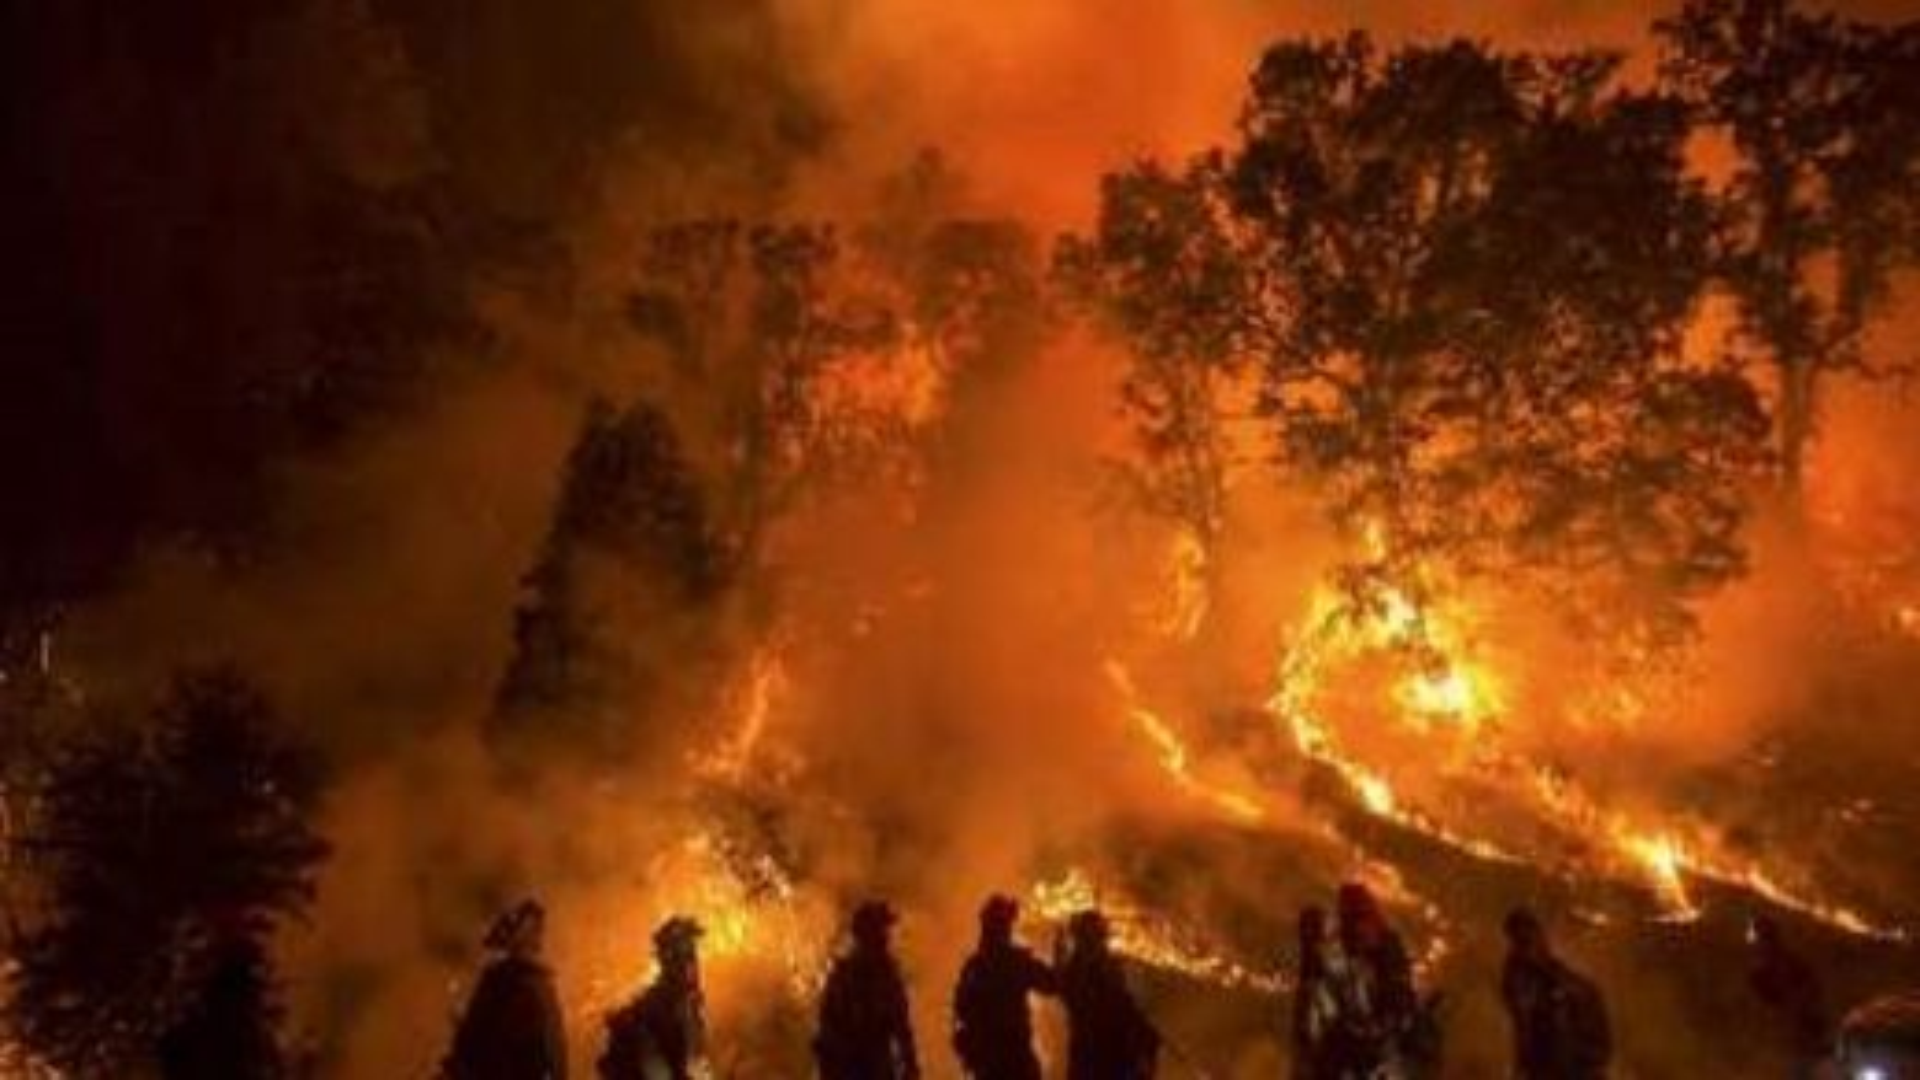 آتش سوزی درکالیفرنیا | تگ